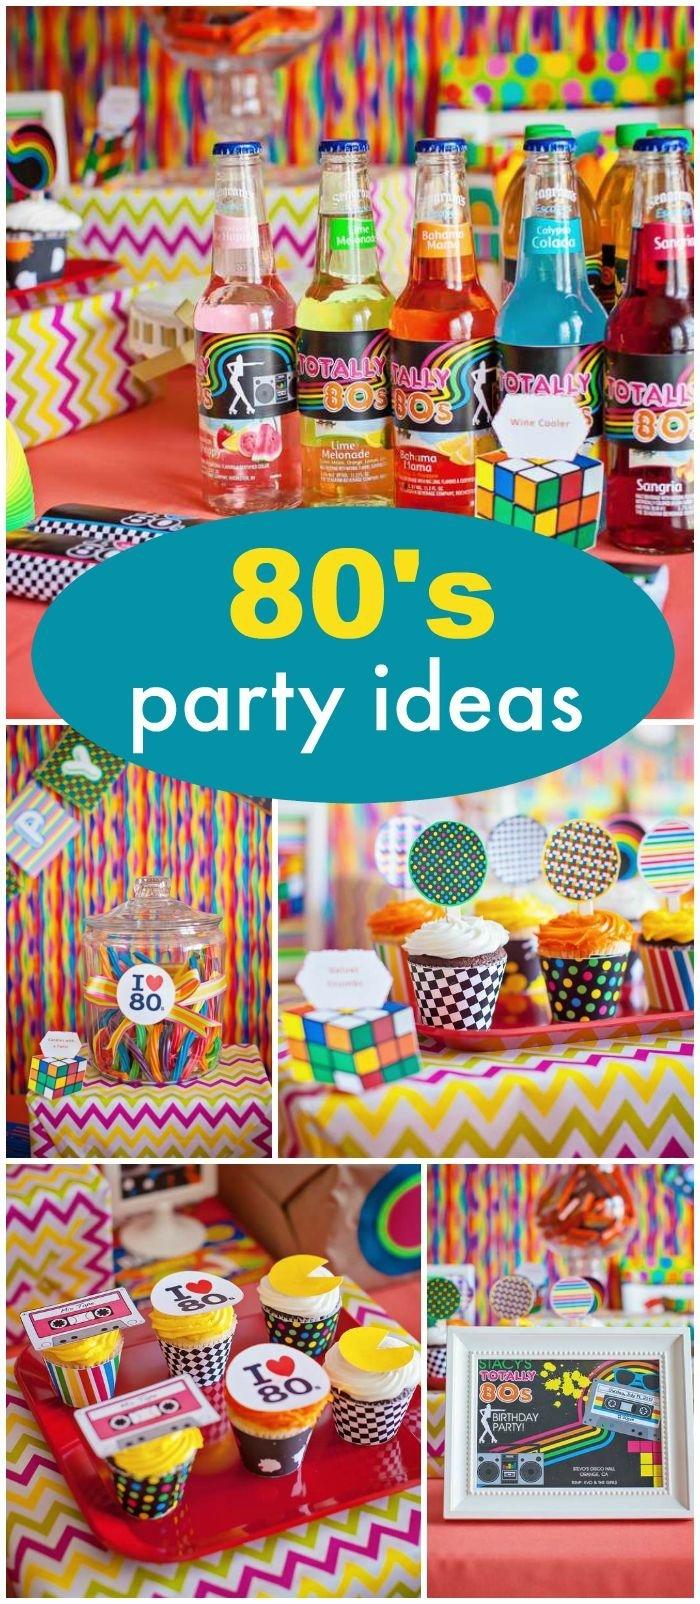 tischdeko geburtstag, idee für eine motivparty im stil achtziger jahren, bunte dekorationen, lustige getränke